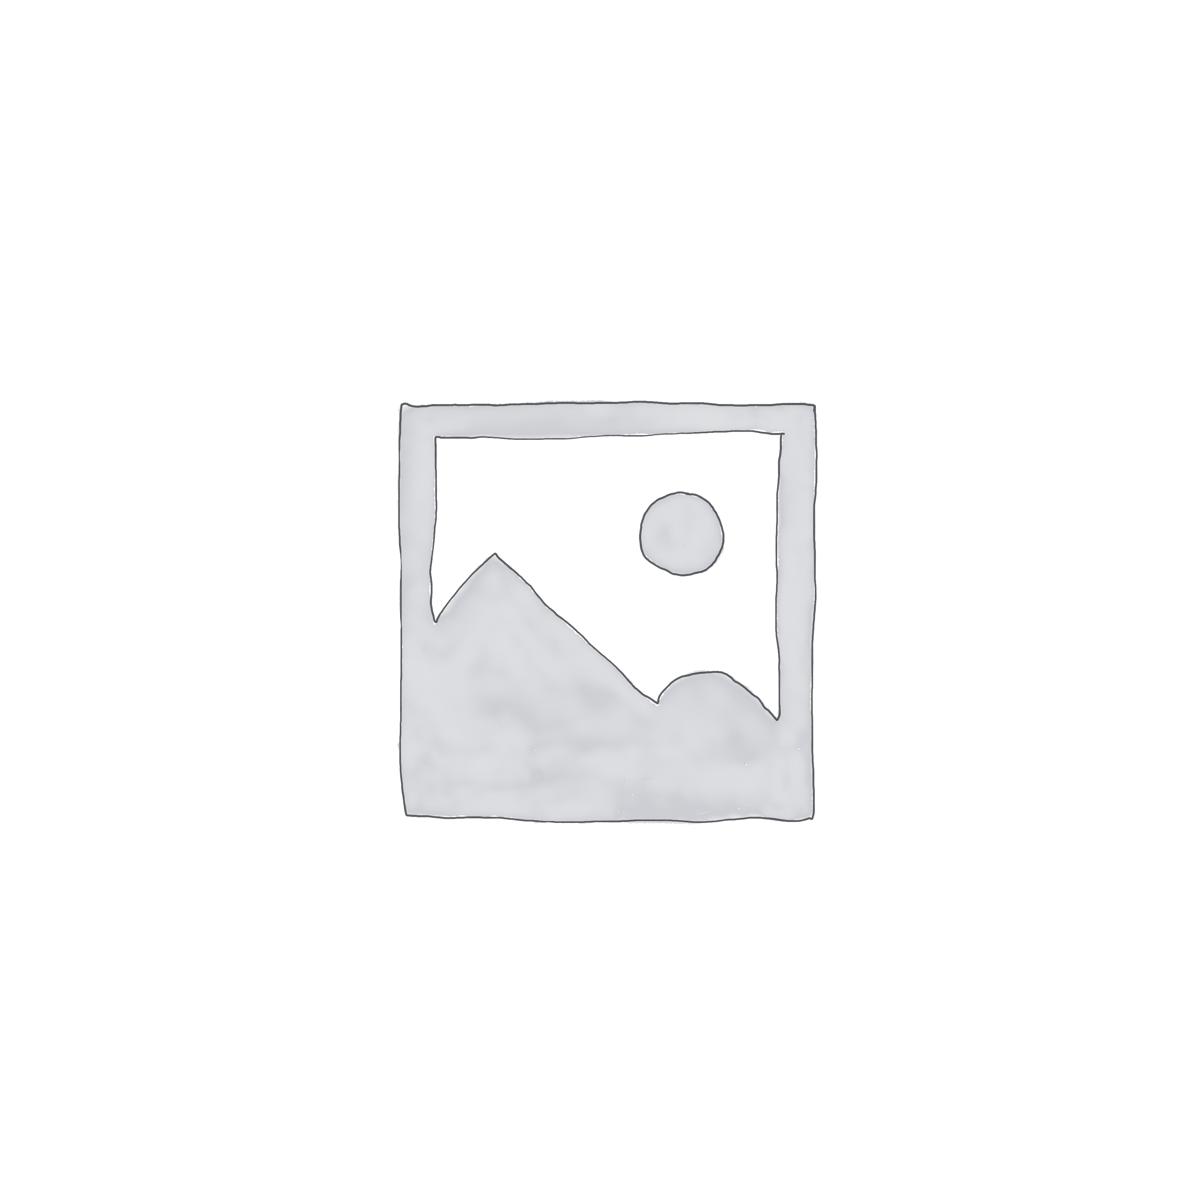 Geometric Shapes Wallpaper Mural